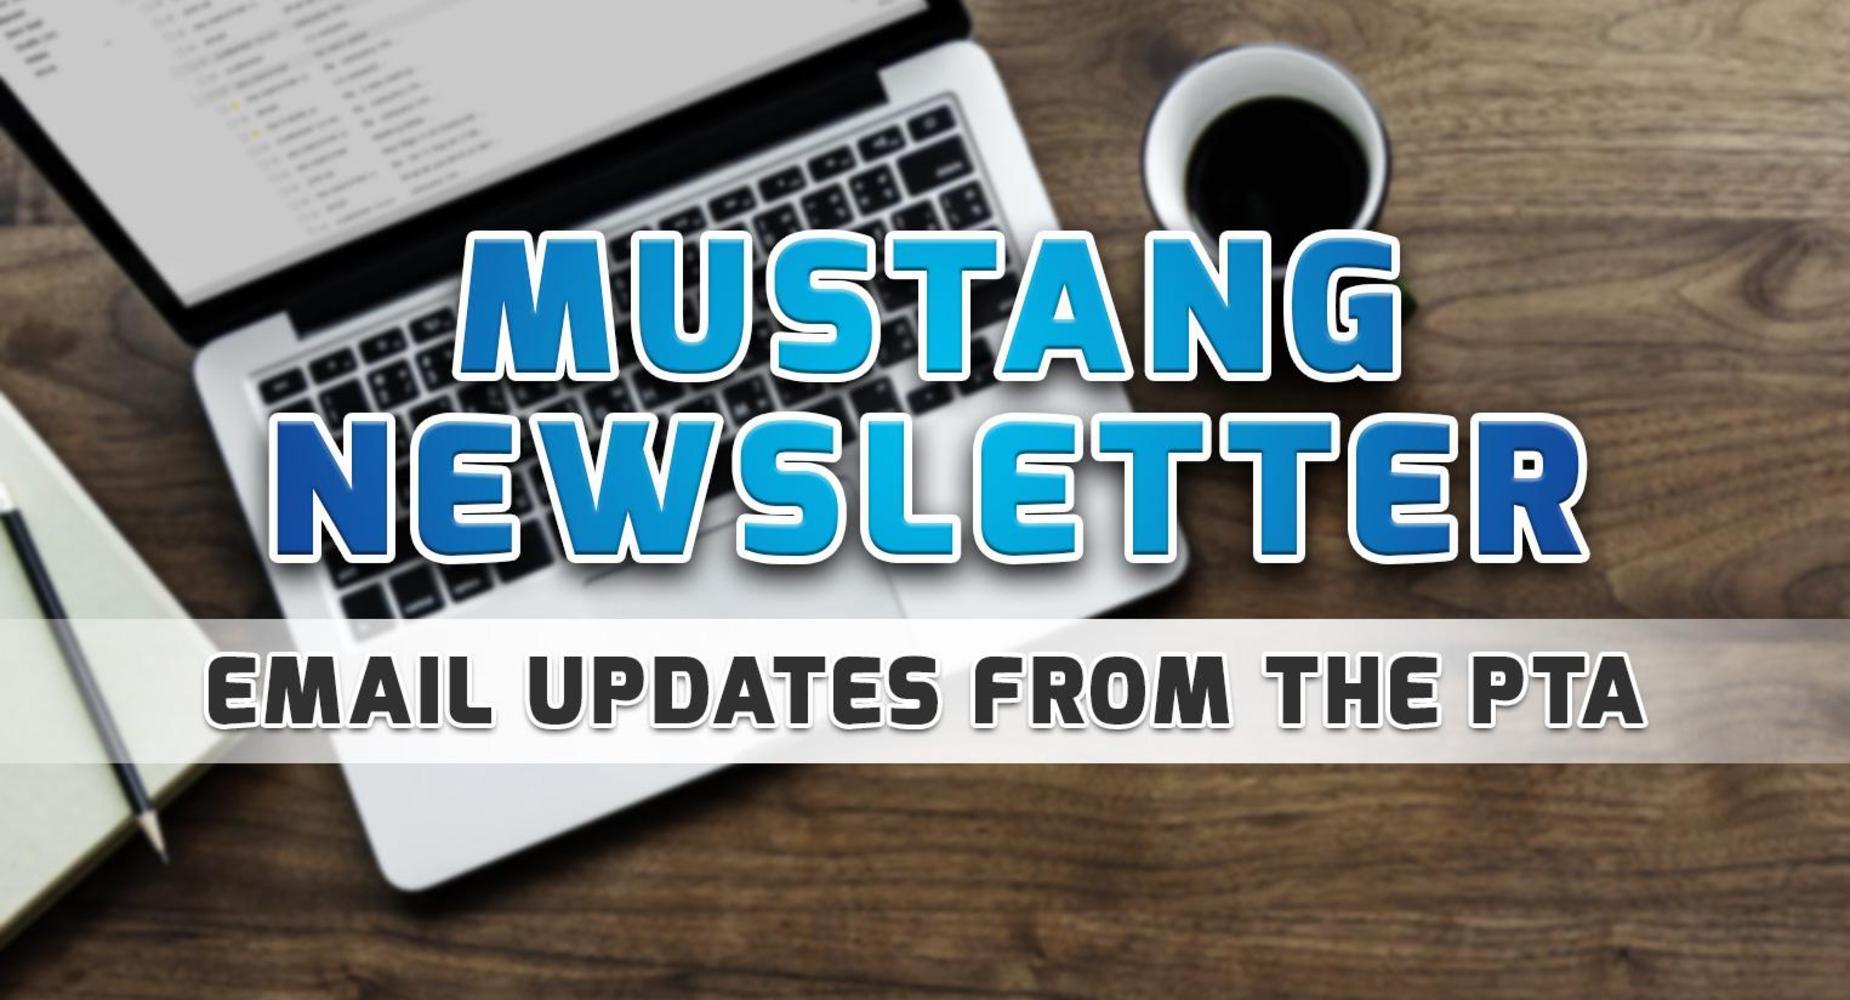 Mustang Newsletter